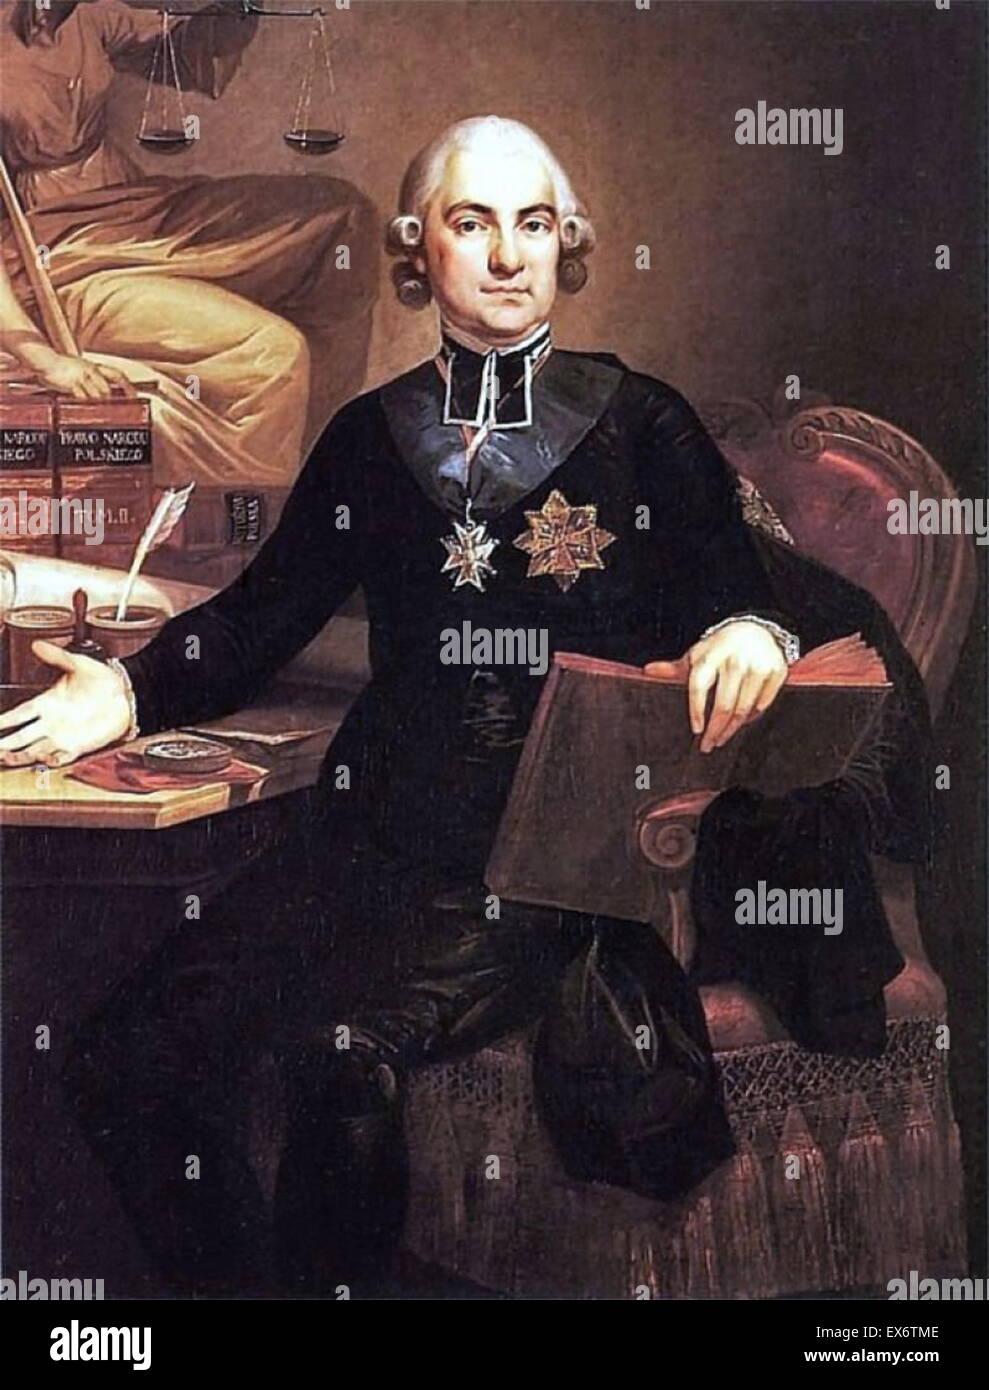 Hugo Stumberg Ko??? Taj (1750 ? 1812) polnischer römisch-katholischer Priester, sozialer und politischer Aktivist. Stockbild